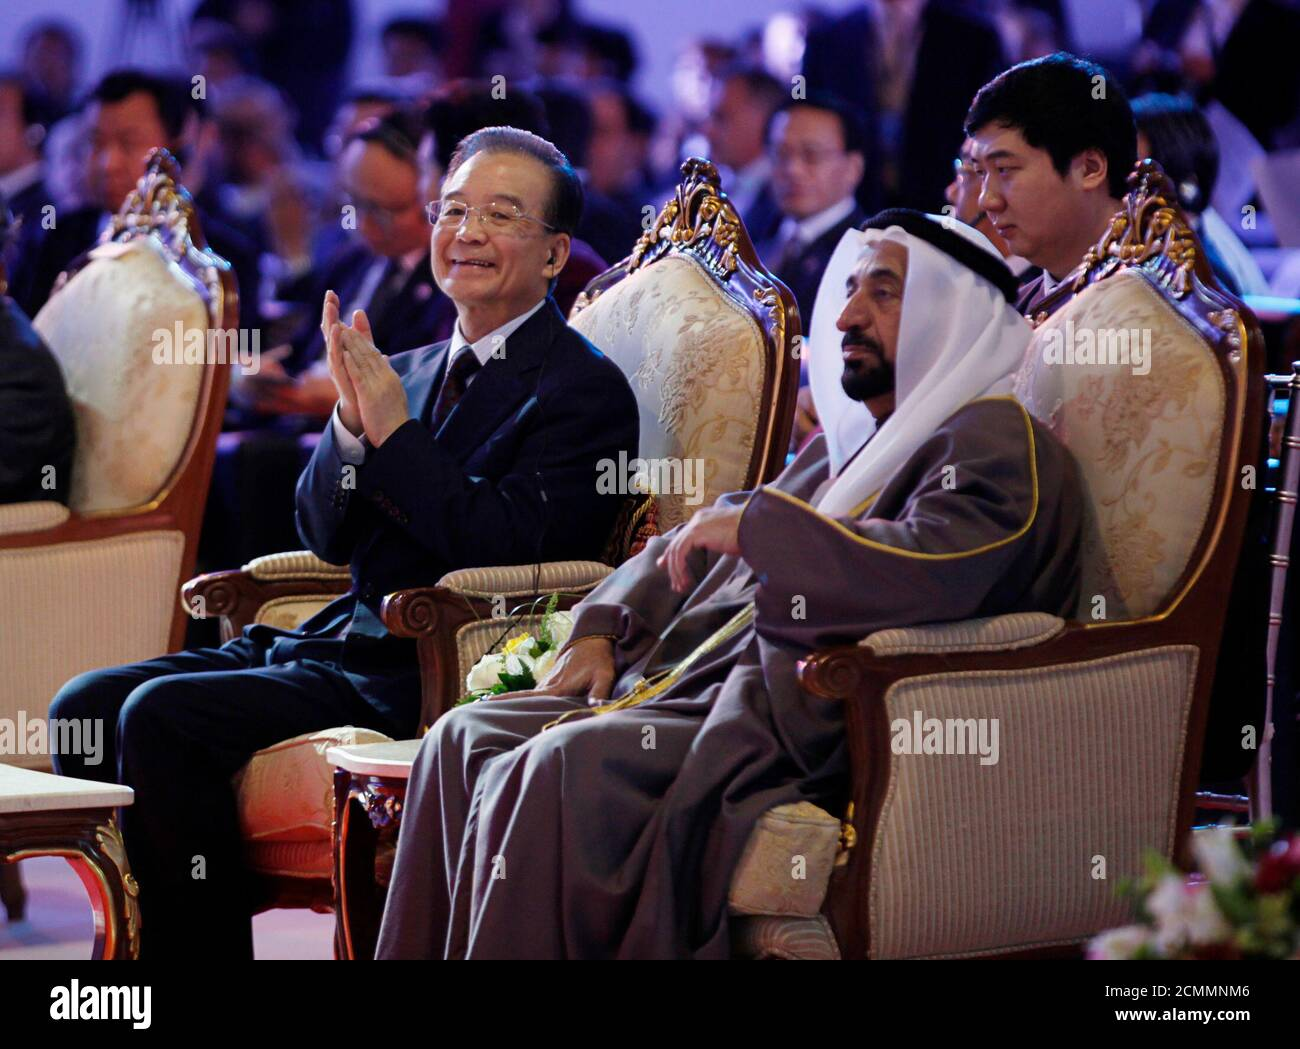 El primer Ministro de China, Wen Jiabao, se sienta con el gobernante de Sharjah Sheikh Sultan Bin Mohammed al Qasimi durante la IV Conferencia Empresarial China-Árabe, que se celebrará en Sharjah el 18 de enero de 2012. China y los Emiratos Árabes Unidos firmaron el martes un acuerdo de canje de divisas por un valor de 35 millones de yuan (5.54 millones de dólares), dijo el Banco Popular de China, añadiendo que el acuerdo fue efectivo durante tres años e impulsaría el comercio y la inversión en ambas direcciones. El acuerdo firmado en Dubai fue anunciado mientras Wen viaja por el Medio Oriente, incluyendo los Emiratos, y es el último en una serie de arreglos para facilitar un mayor uso del yuan i de China Foto de stock